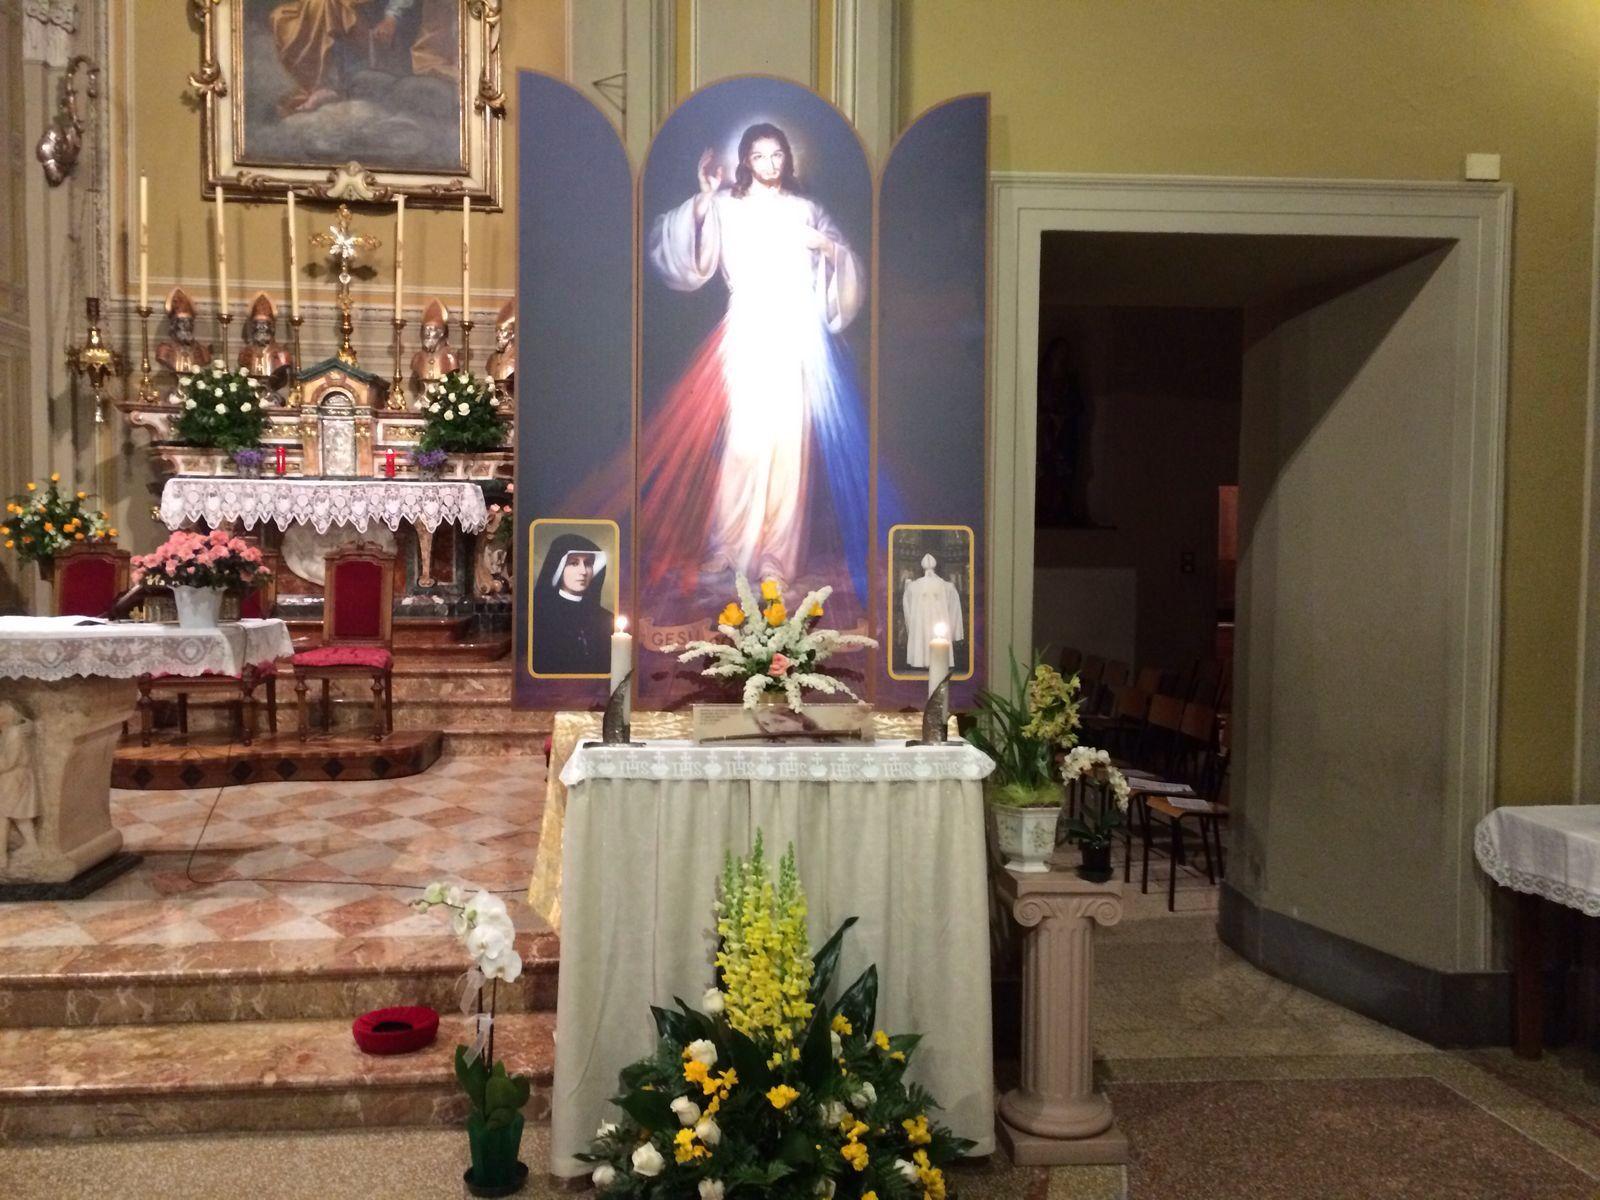 Il trittico della Divina Misericordia che sarà benedetto durante la S. Messa di domani.